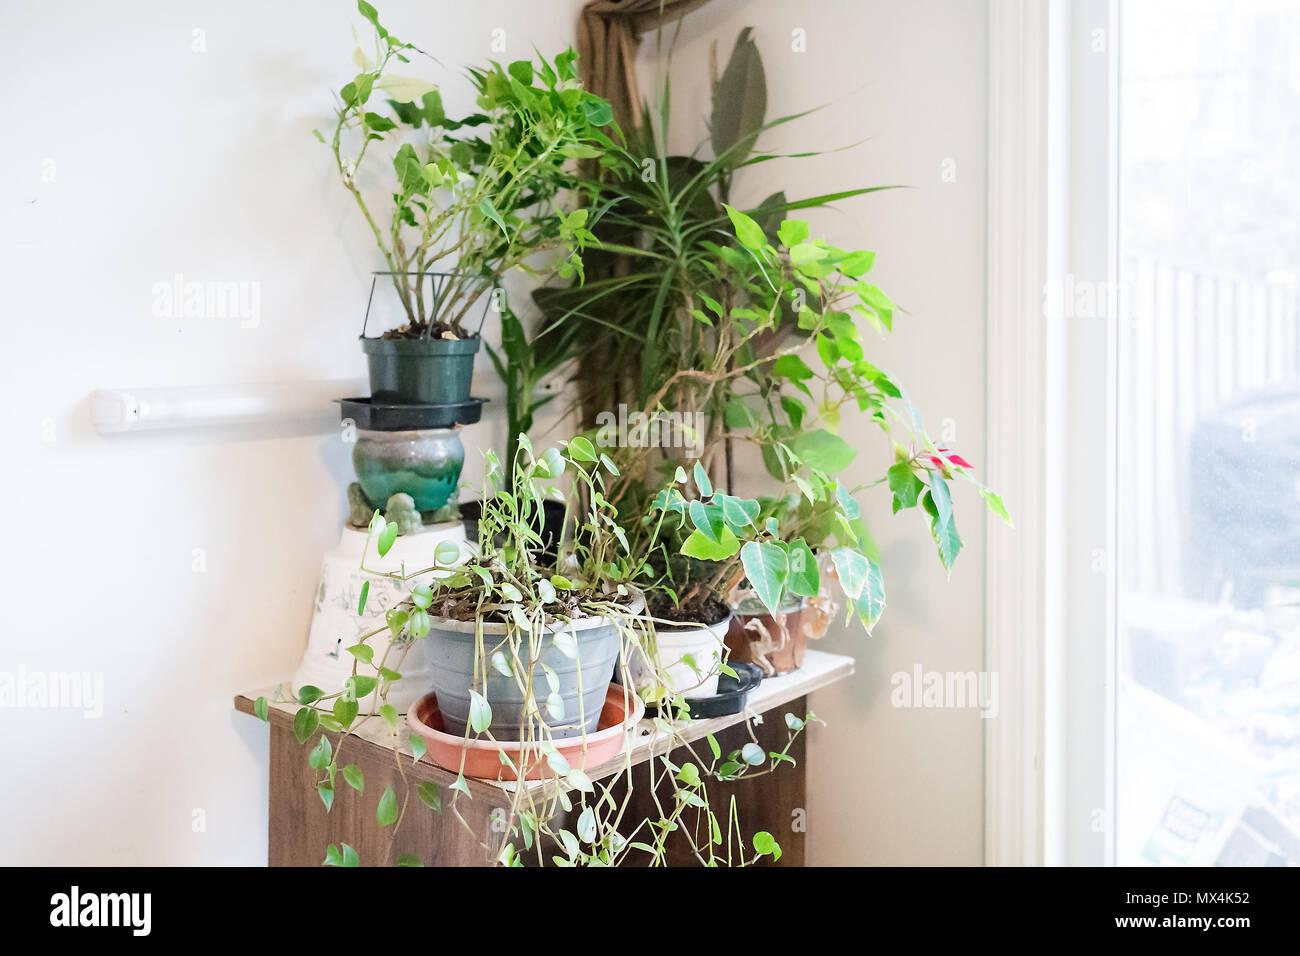 Jardín verde y plantas de interior en invierno por la ventana de la puerta de traspatio en el sótano de la casa de estante de madera, con luz LED Foto de stock